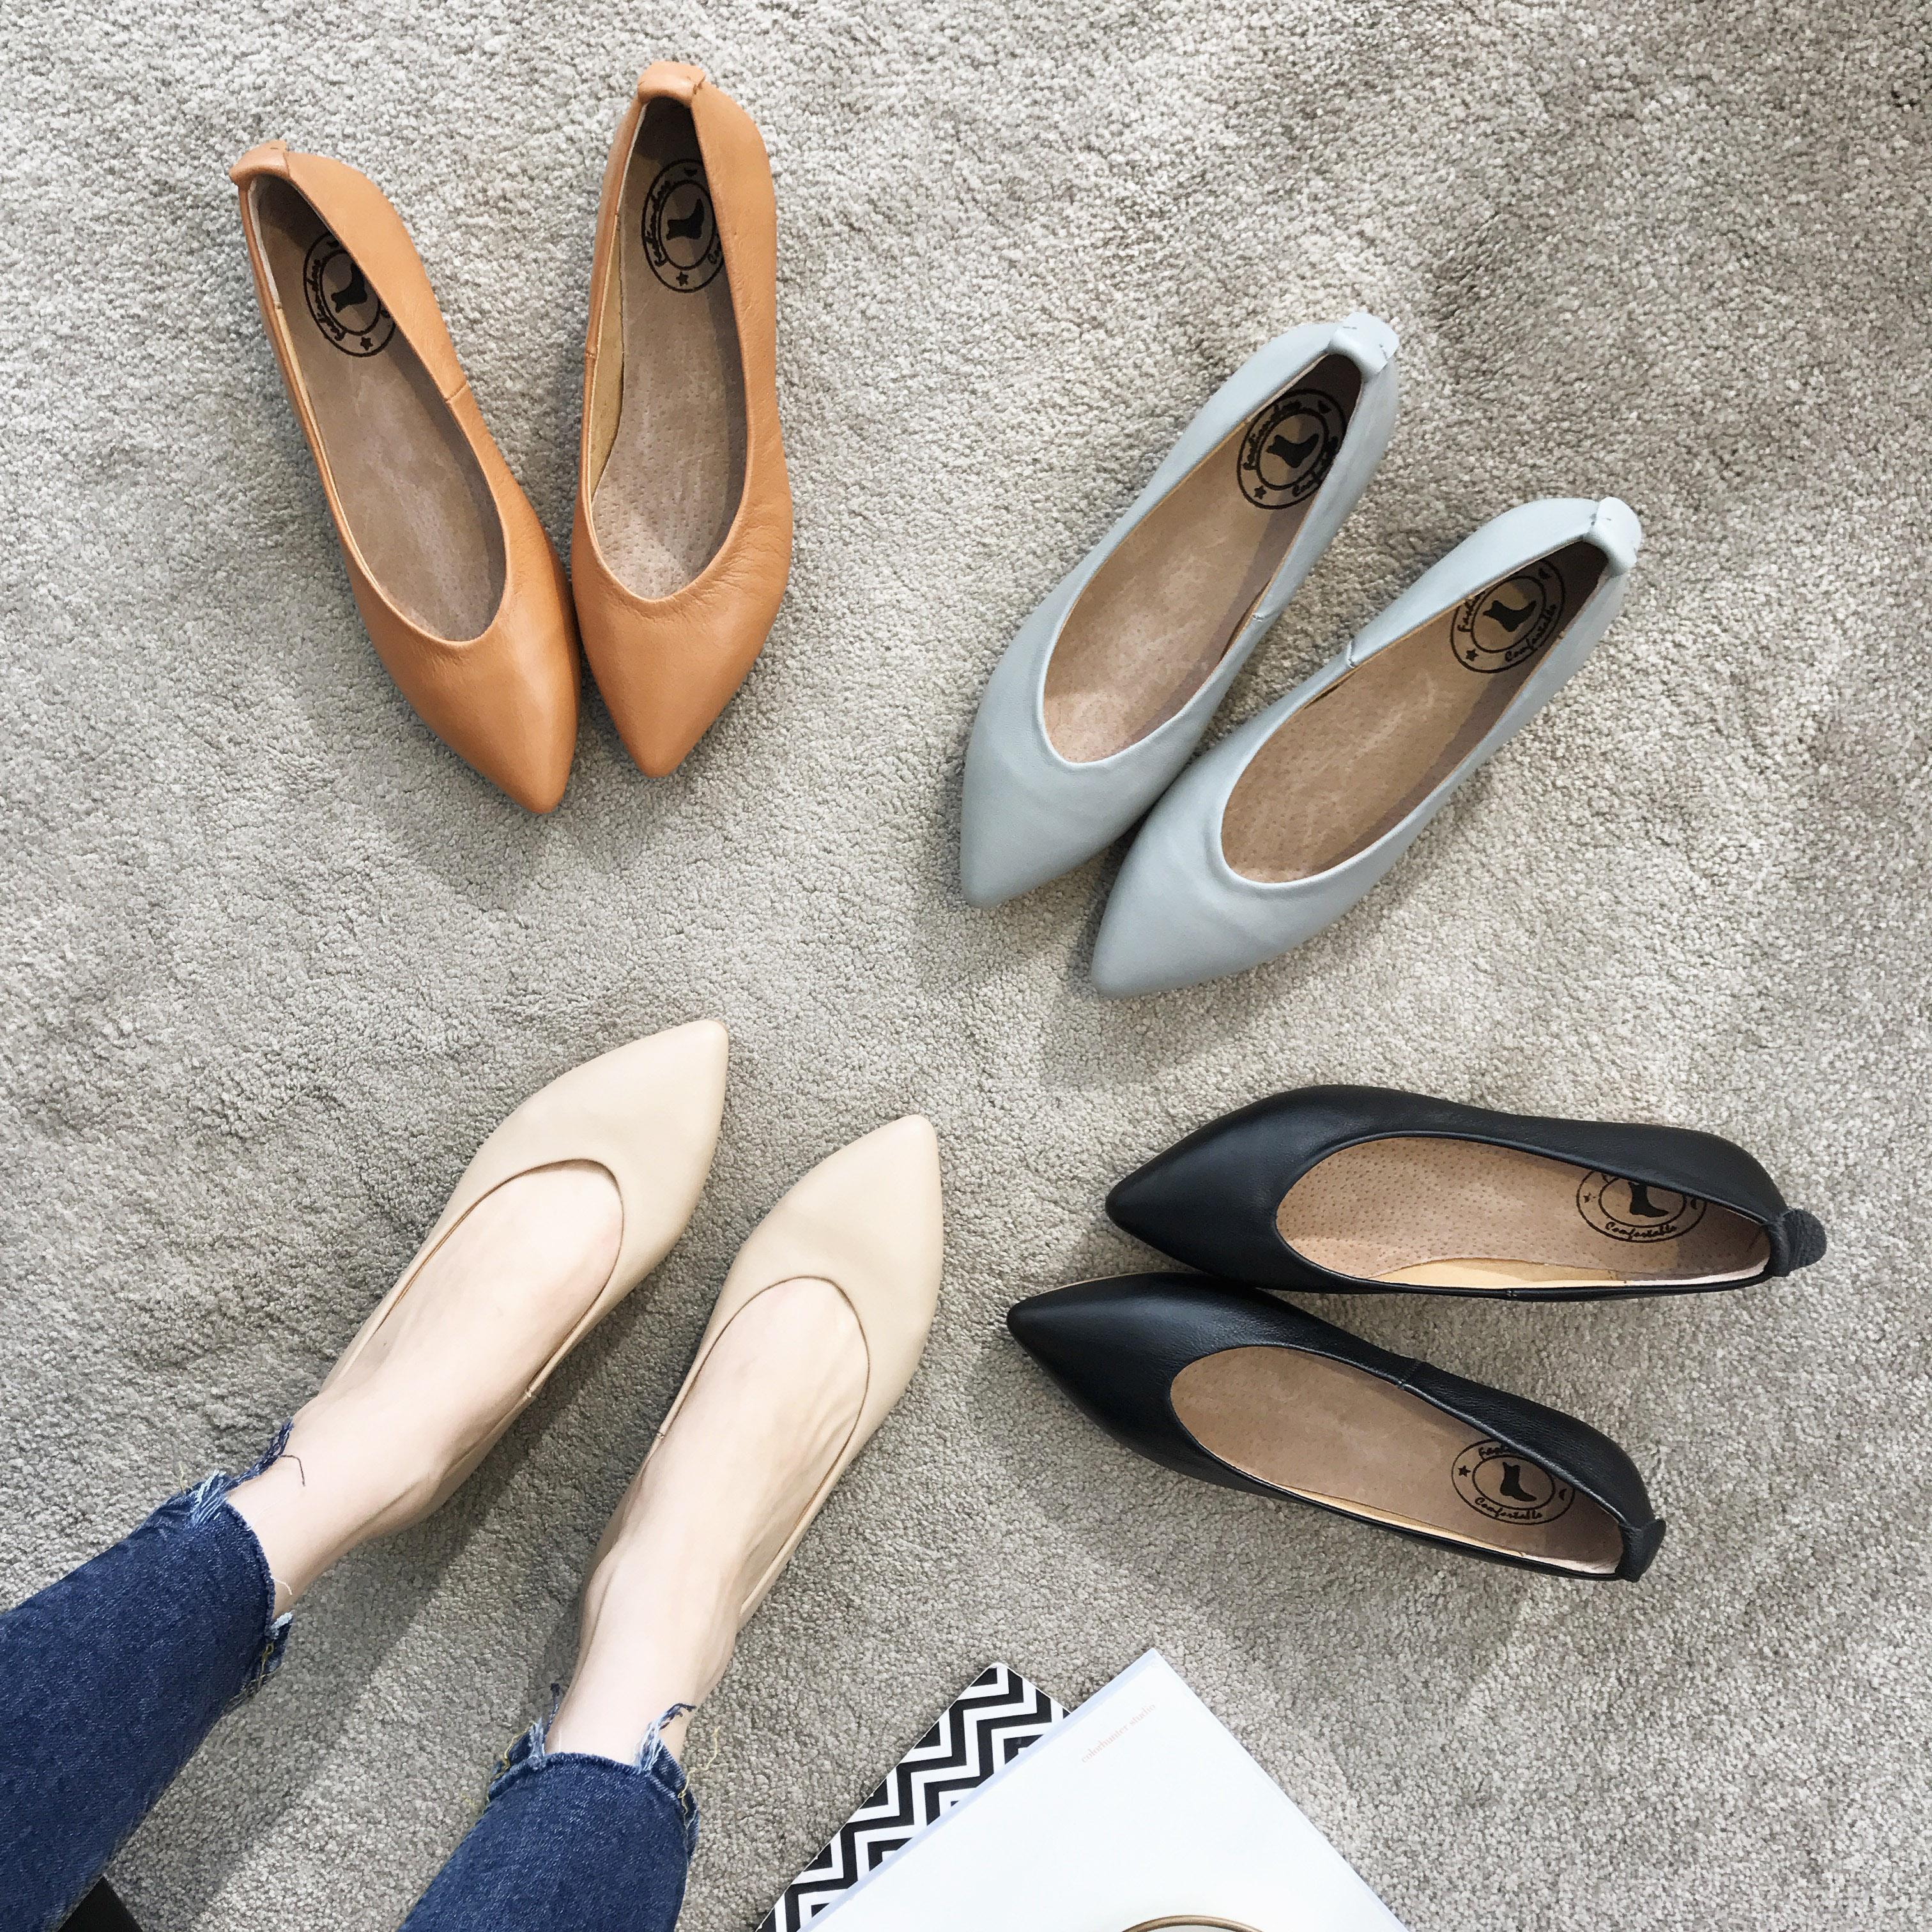 尖头单鞋女2018春夏款真皮浅口粗跟奶奶鞋复古百搭套脚中跟工作鞋